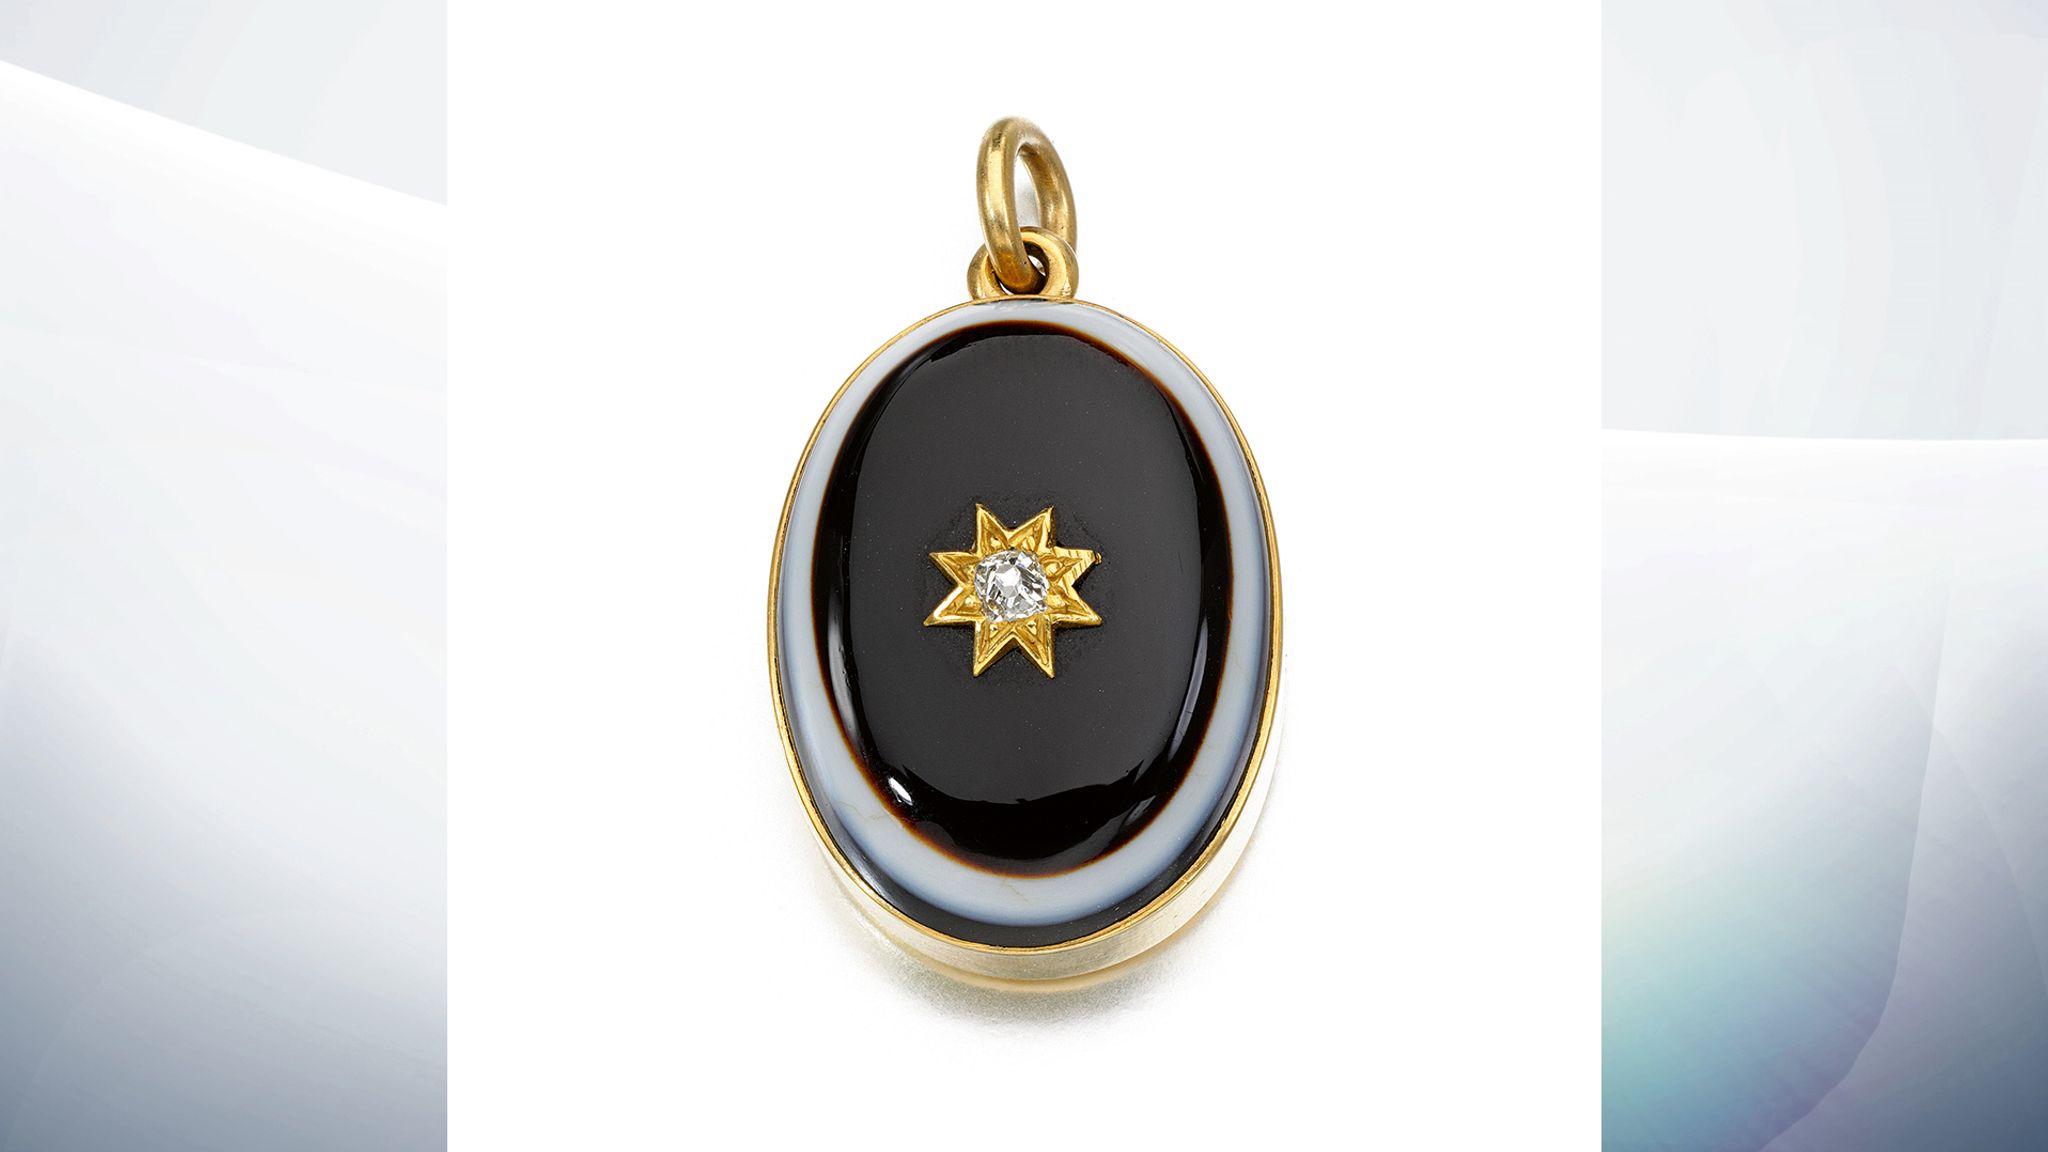 Драгоценности королевы Виктории впервые выставят на аукцион queen victoria mourning jewels